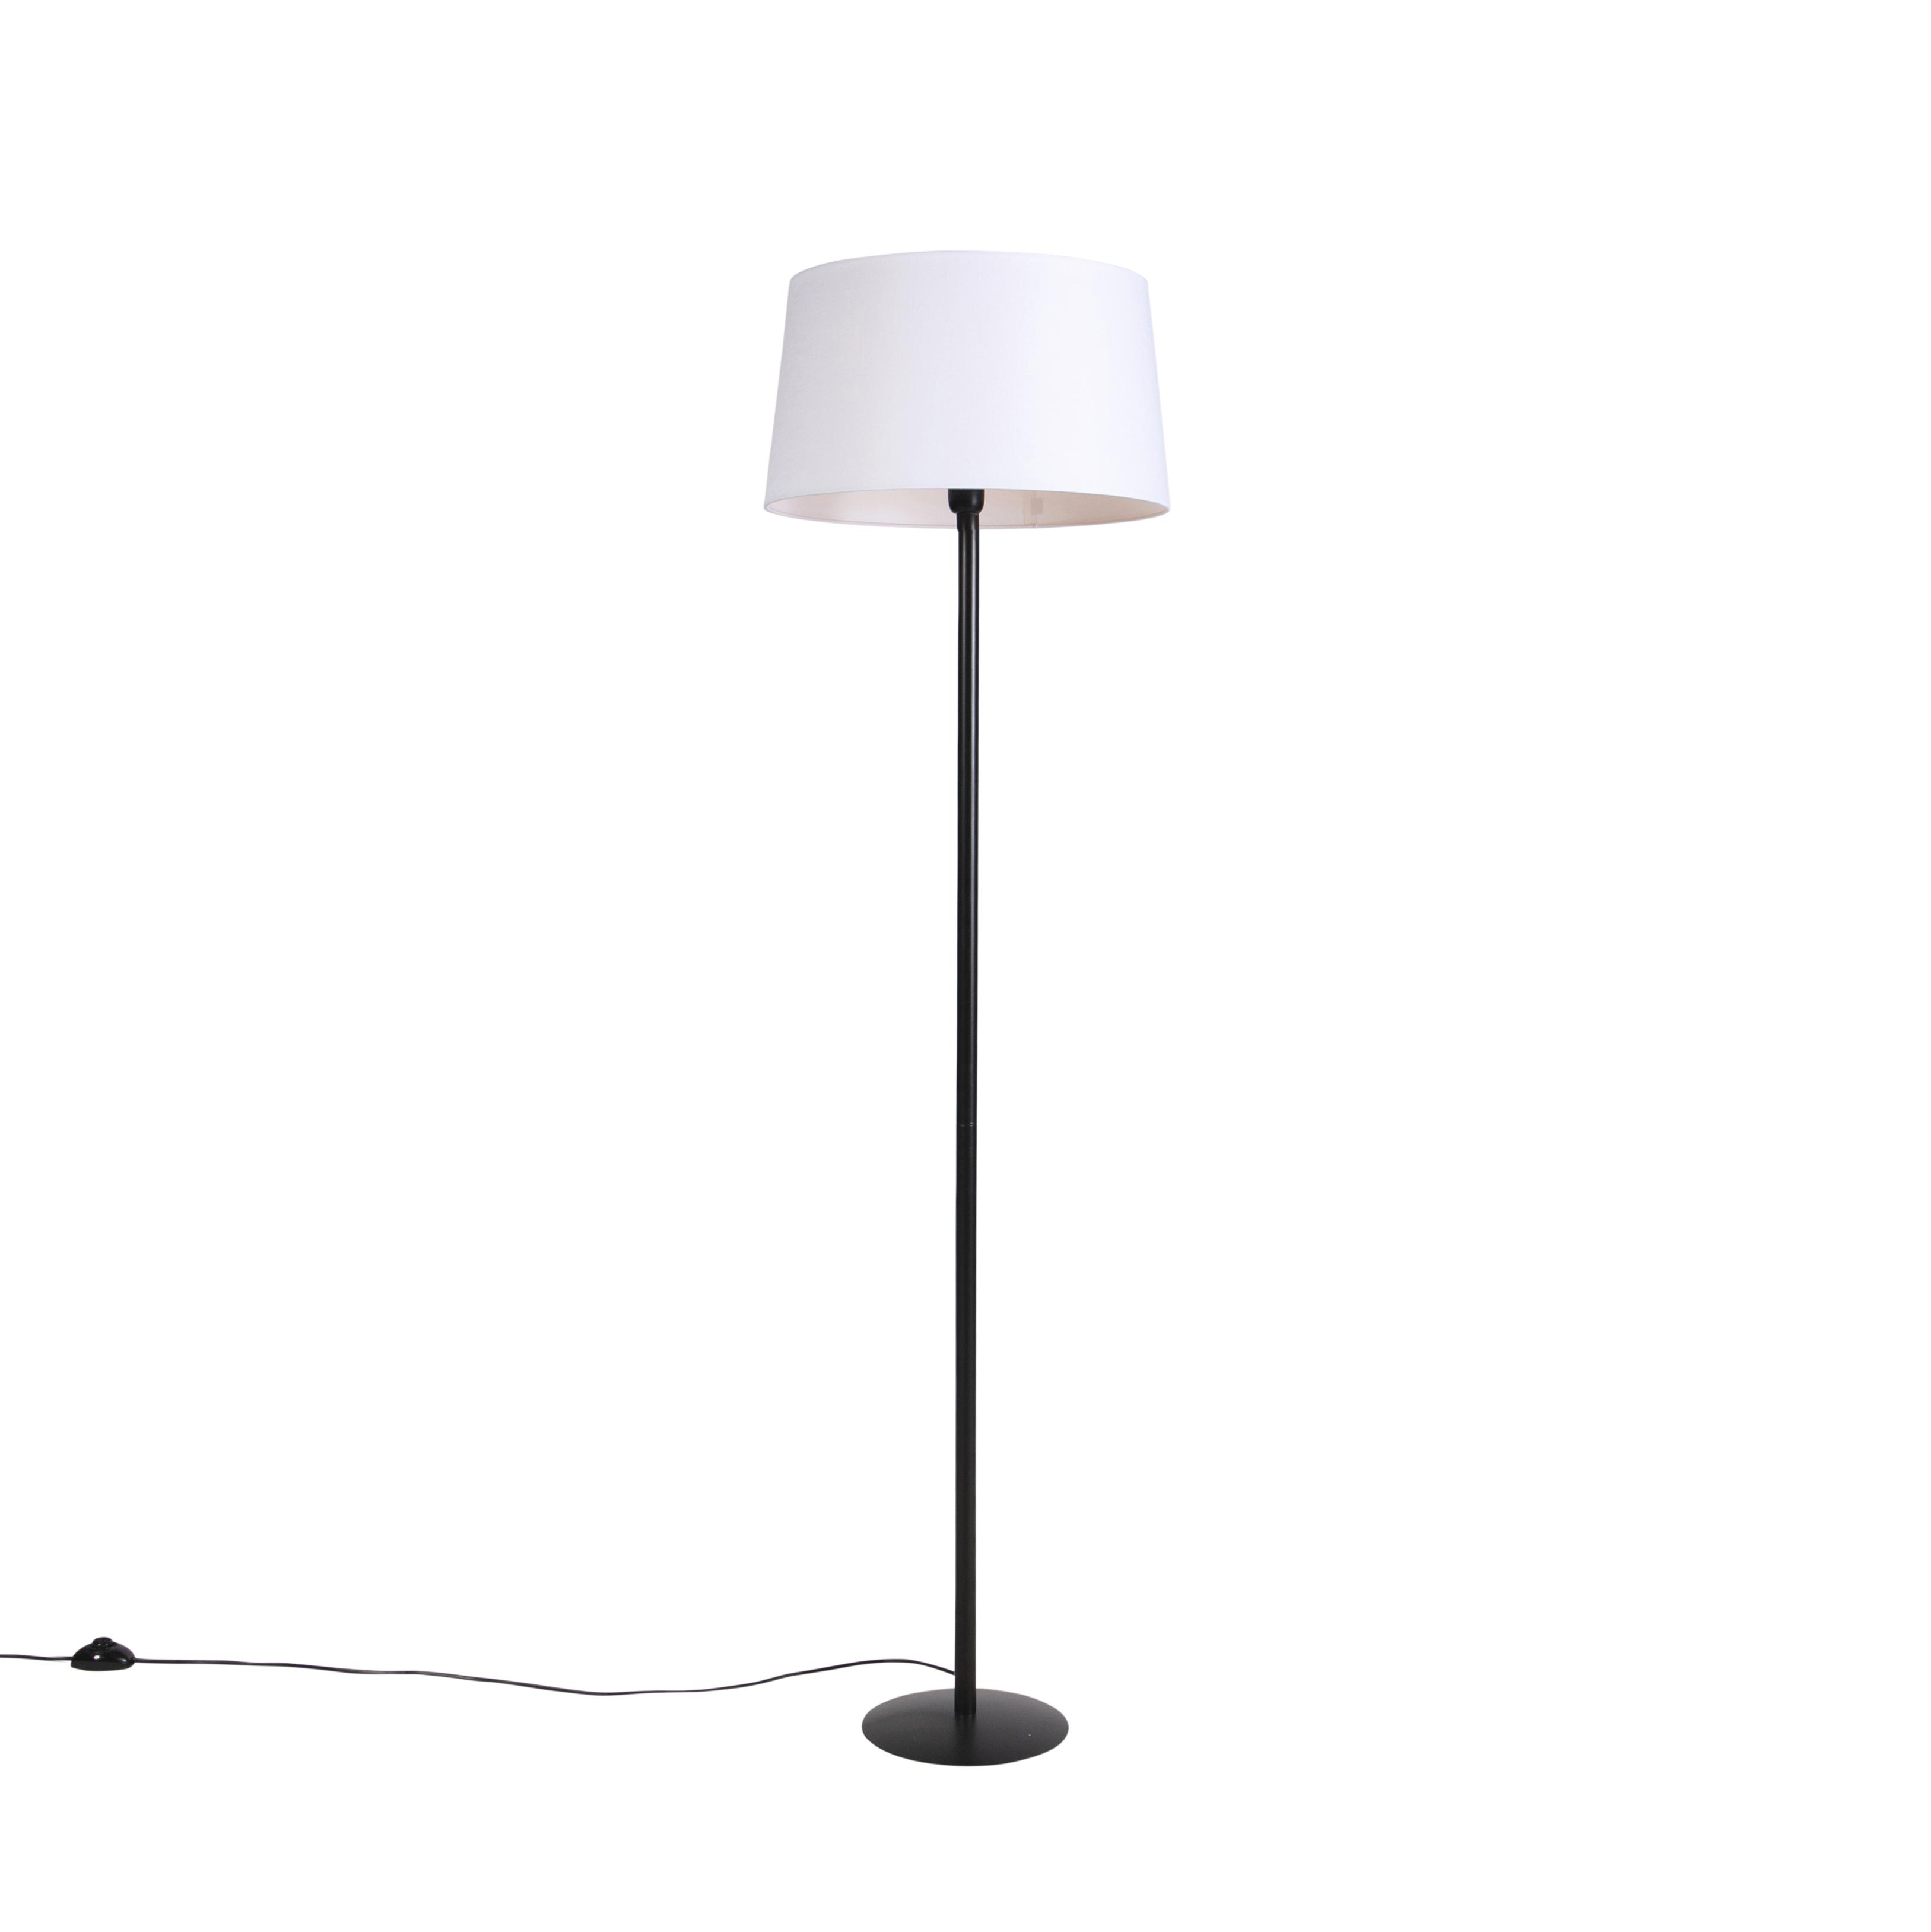 Zwarte vloerlamp met linnen kap wit 45 cm - Simplo